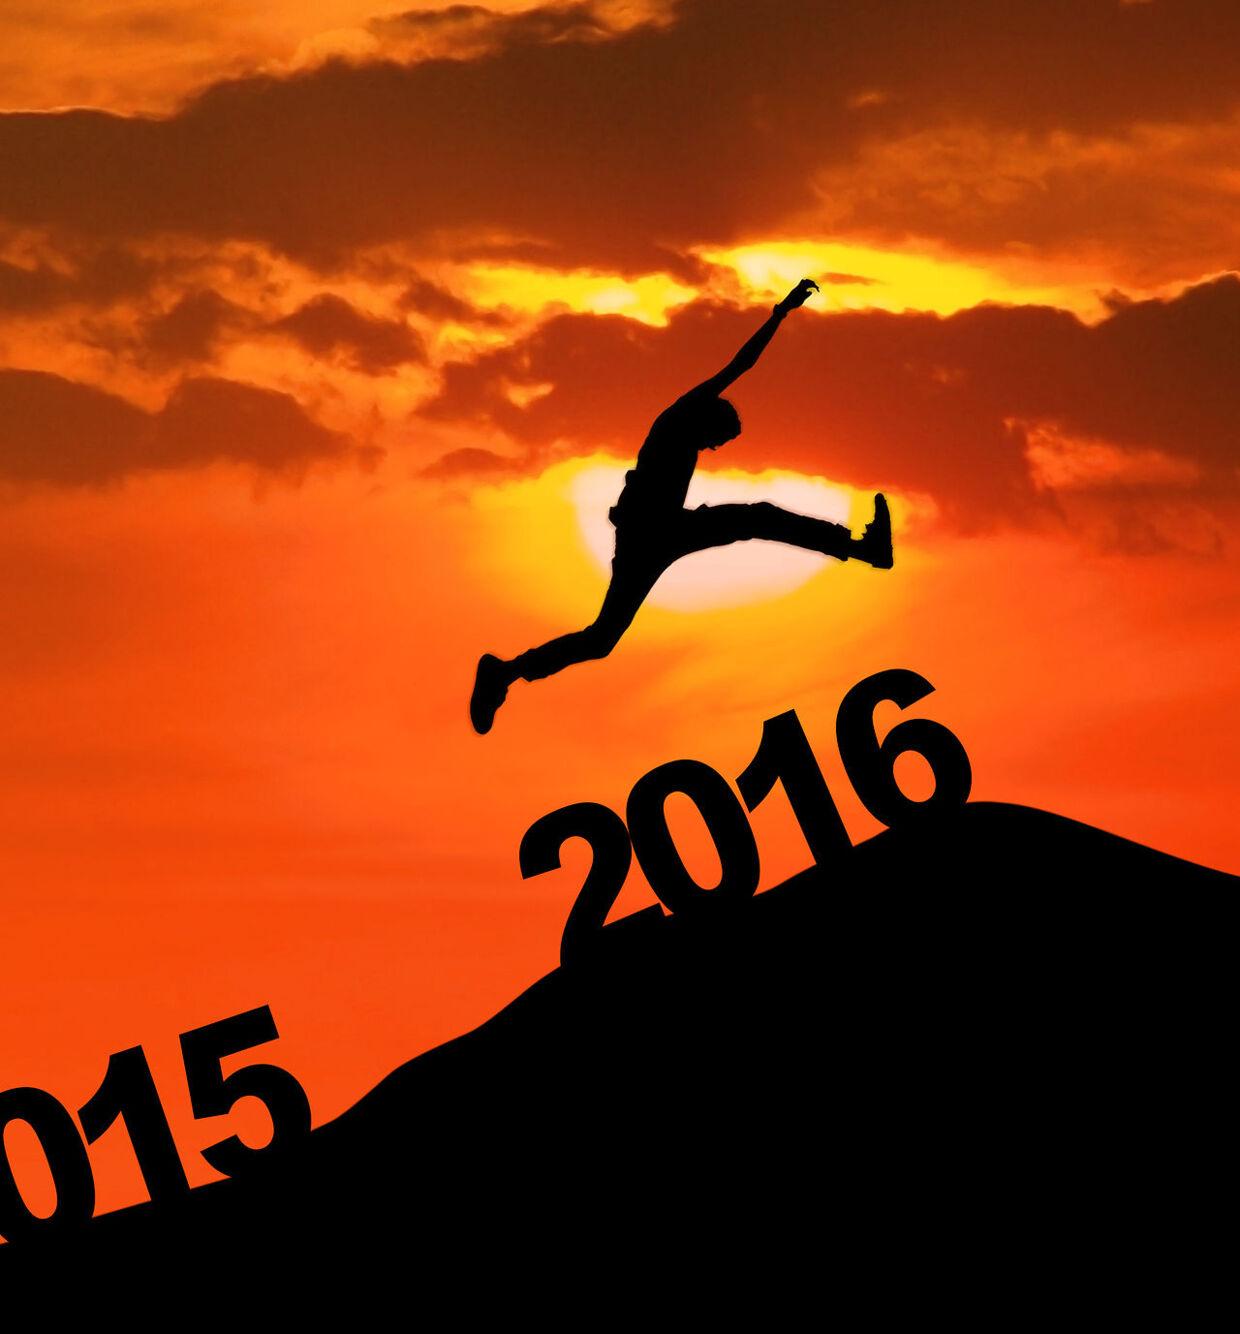 Hold nytårsforsættet og spring ind i det nye år med god samvittighed. Foto: Creativa Images